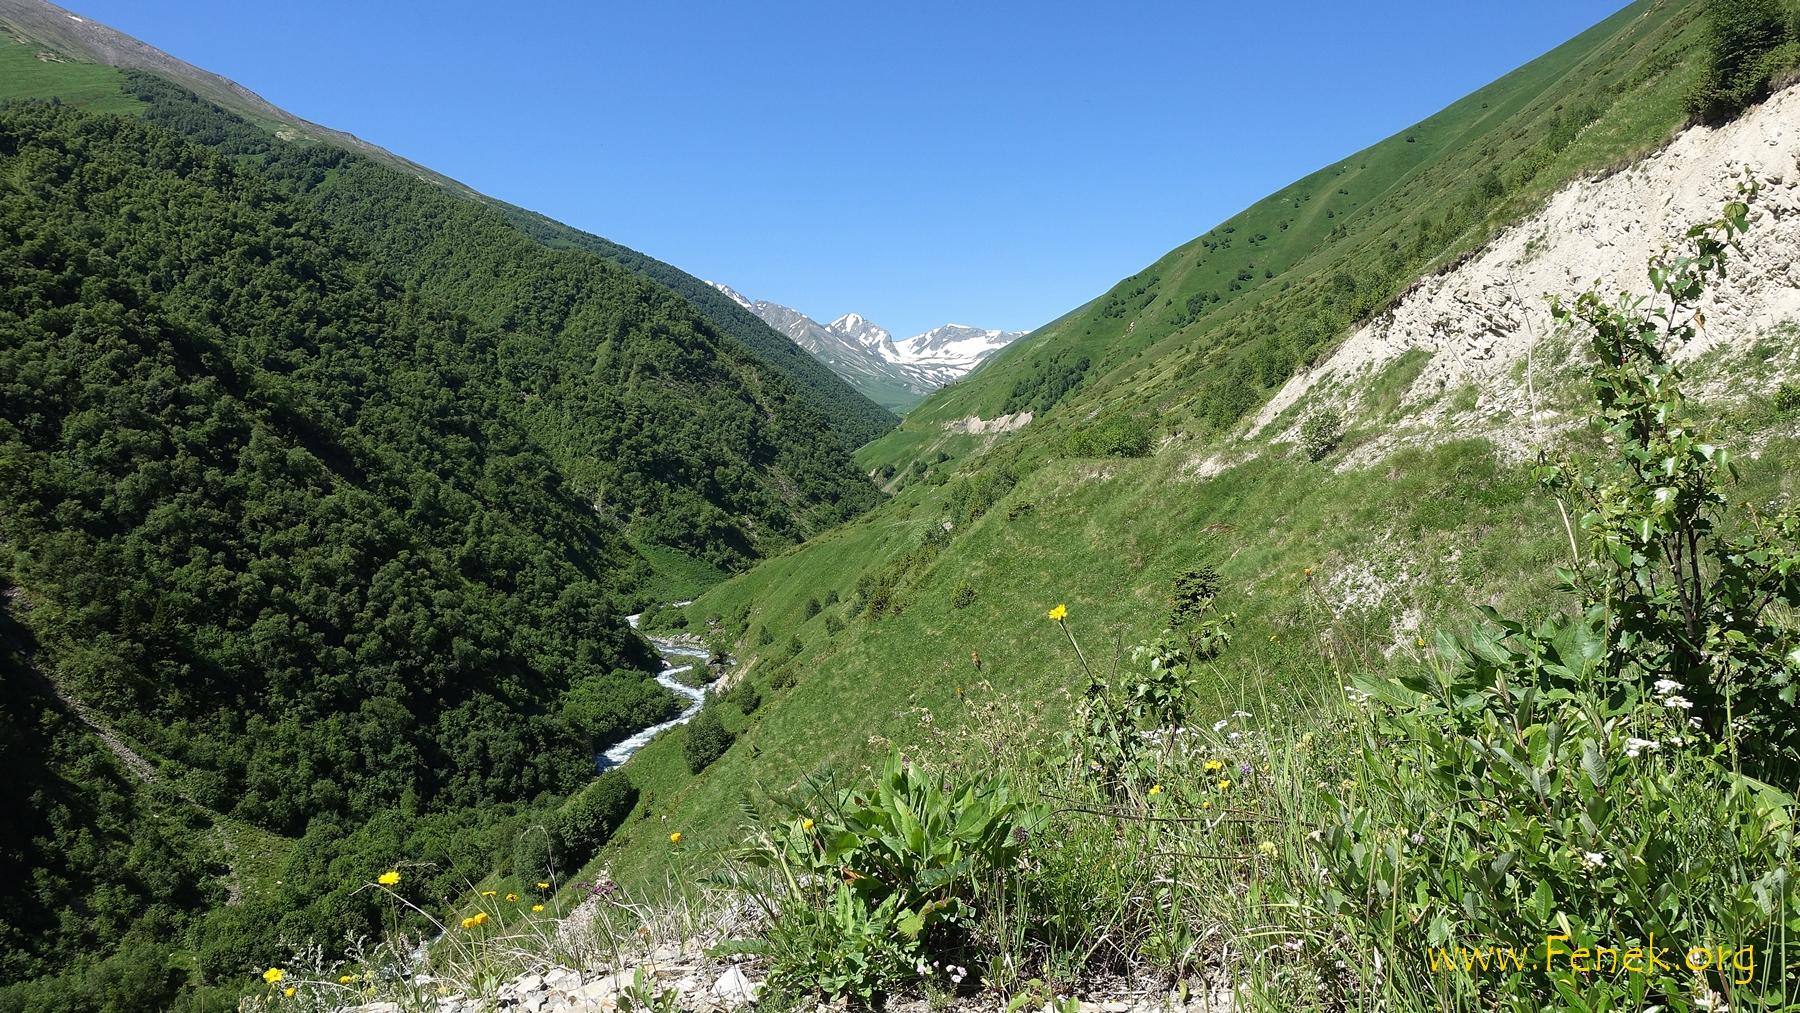 weiter hinauf und hinein in das Tal